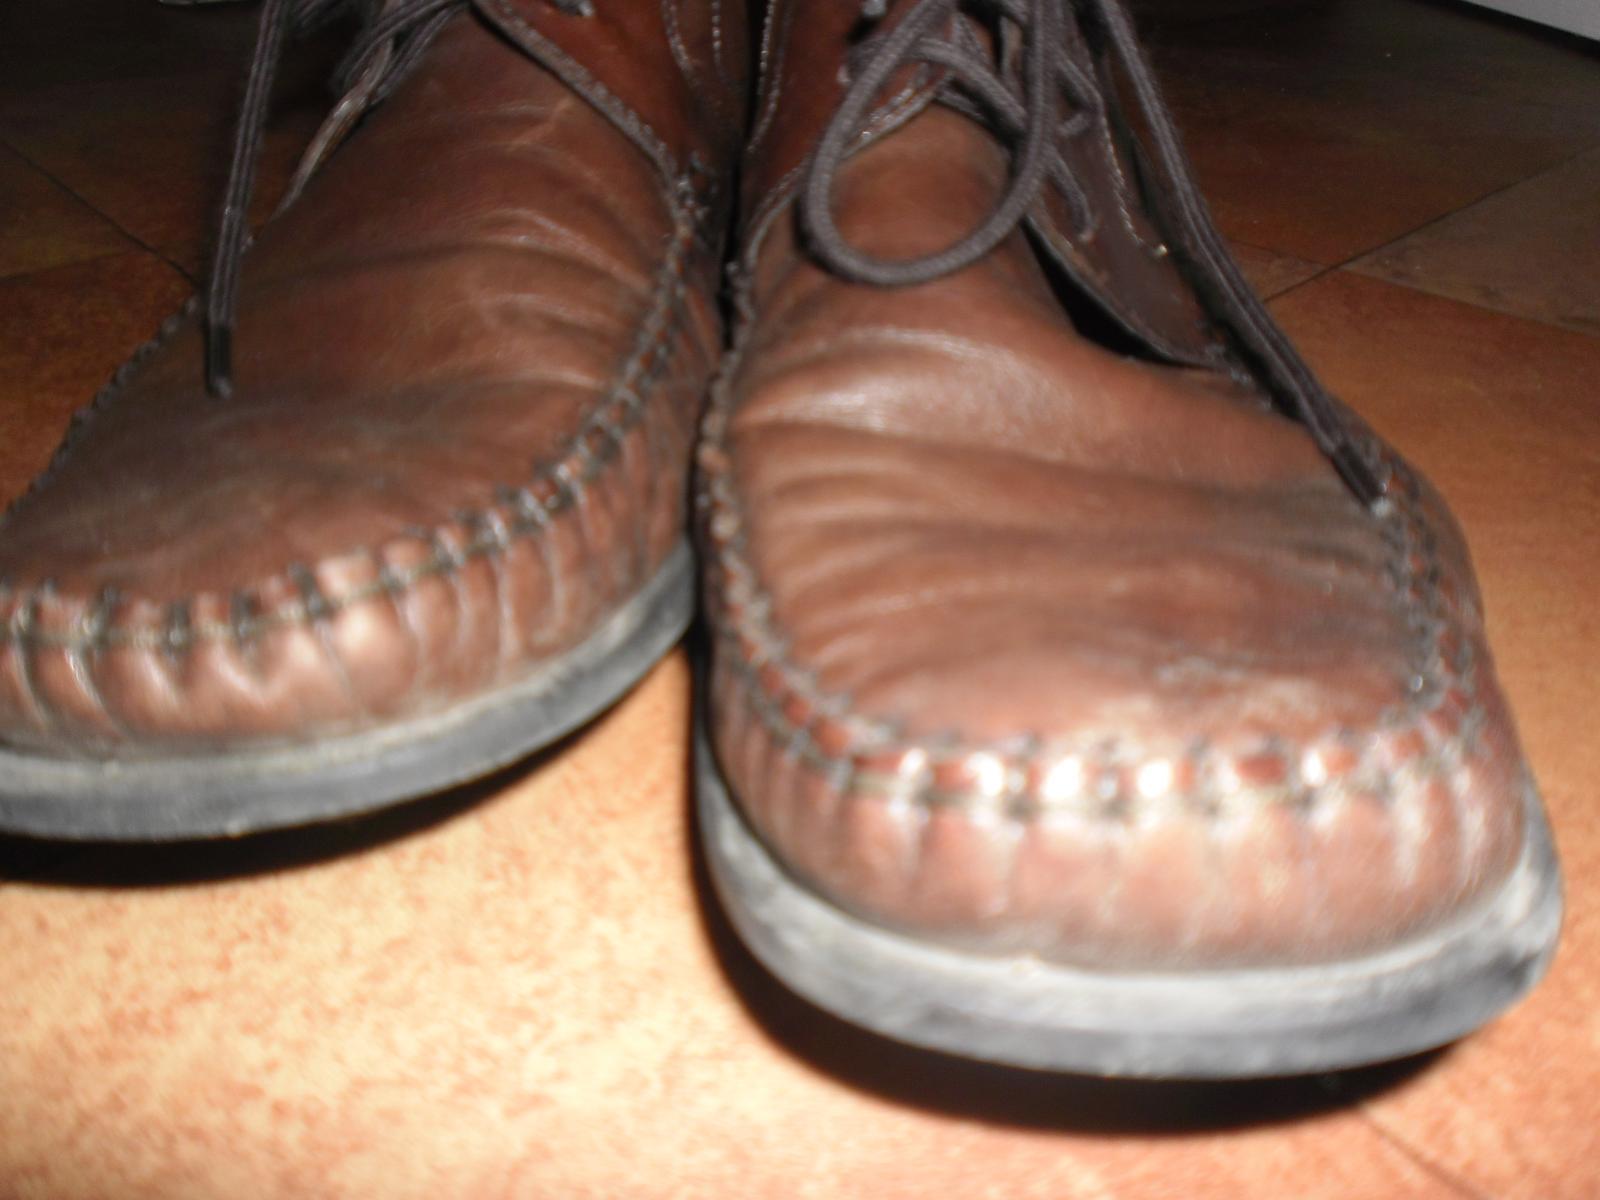 boty Baťa Comfit, vel 45 - Obrázek č. 3